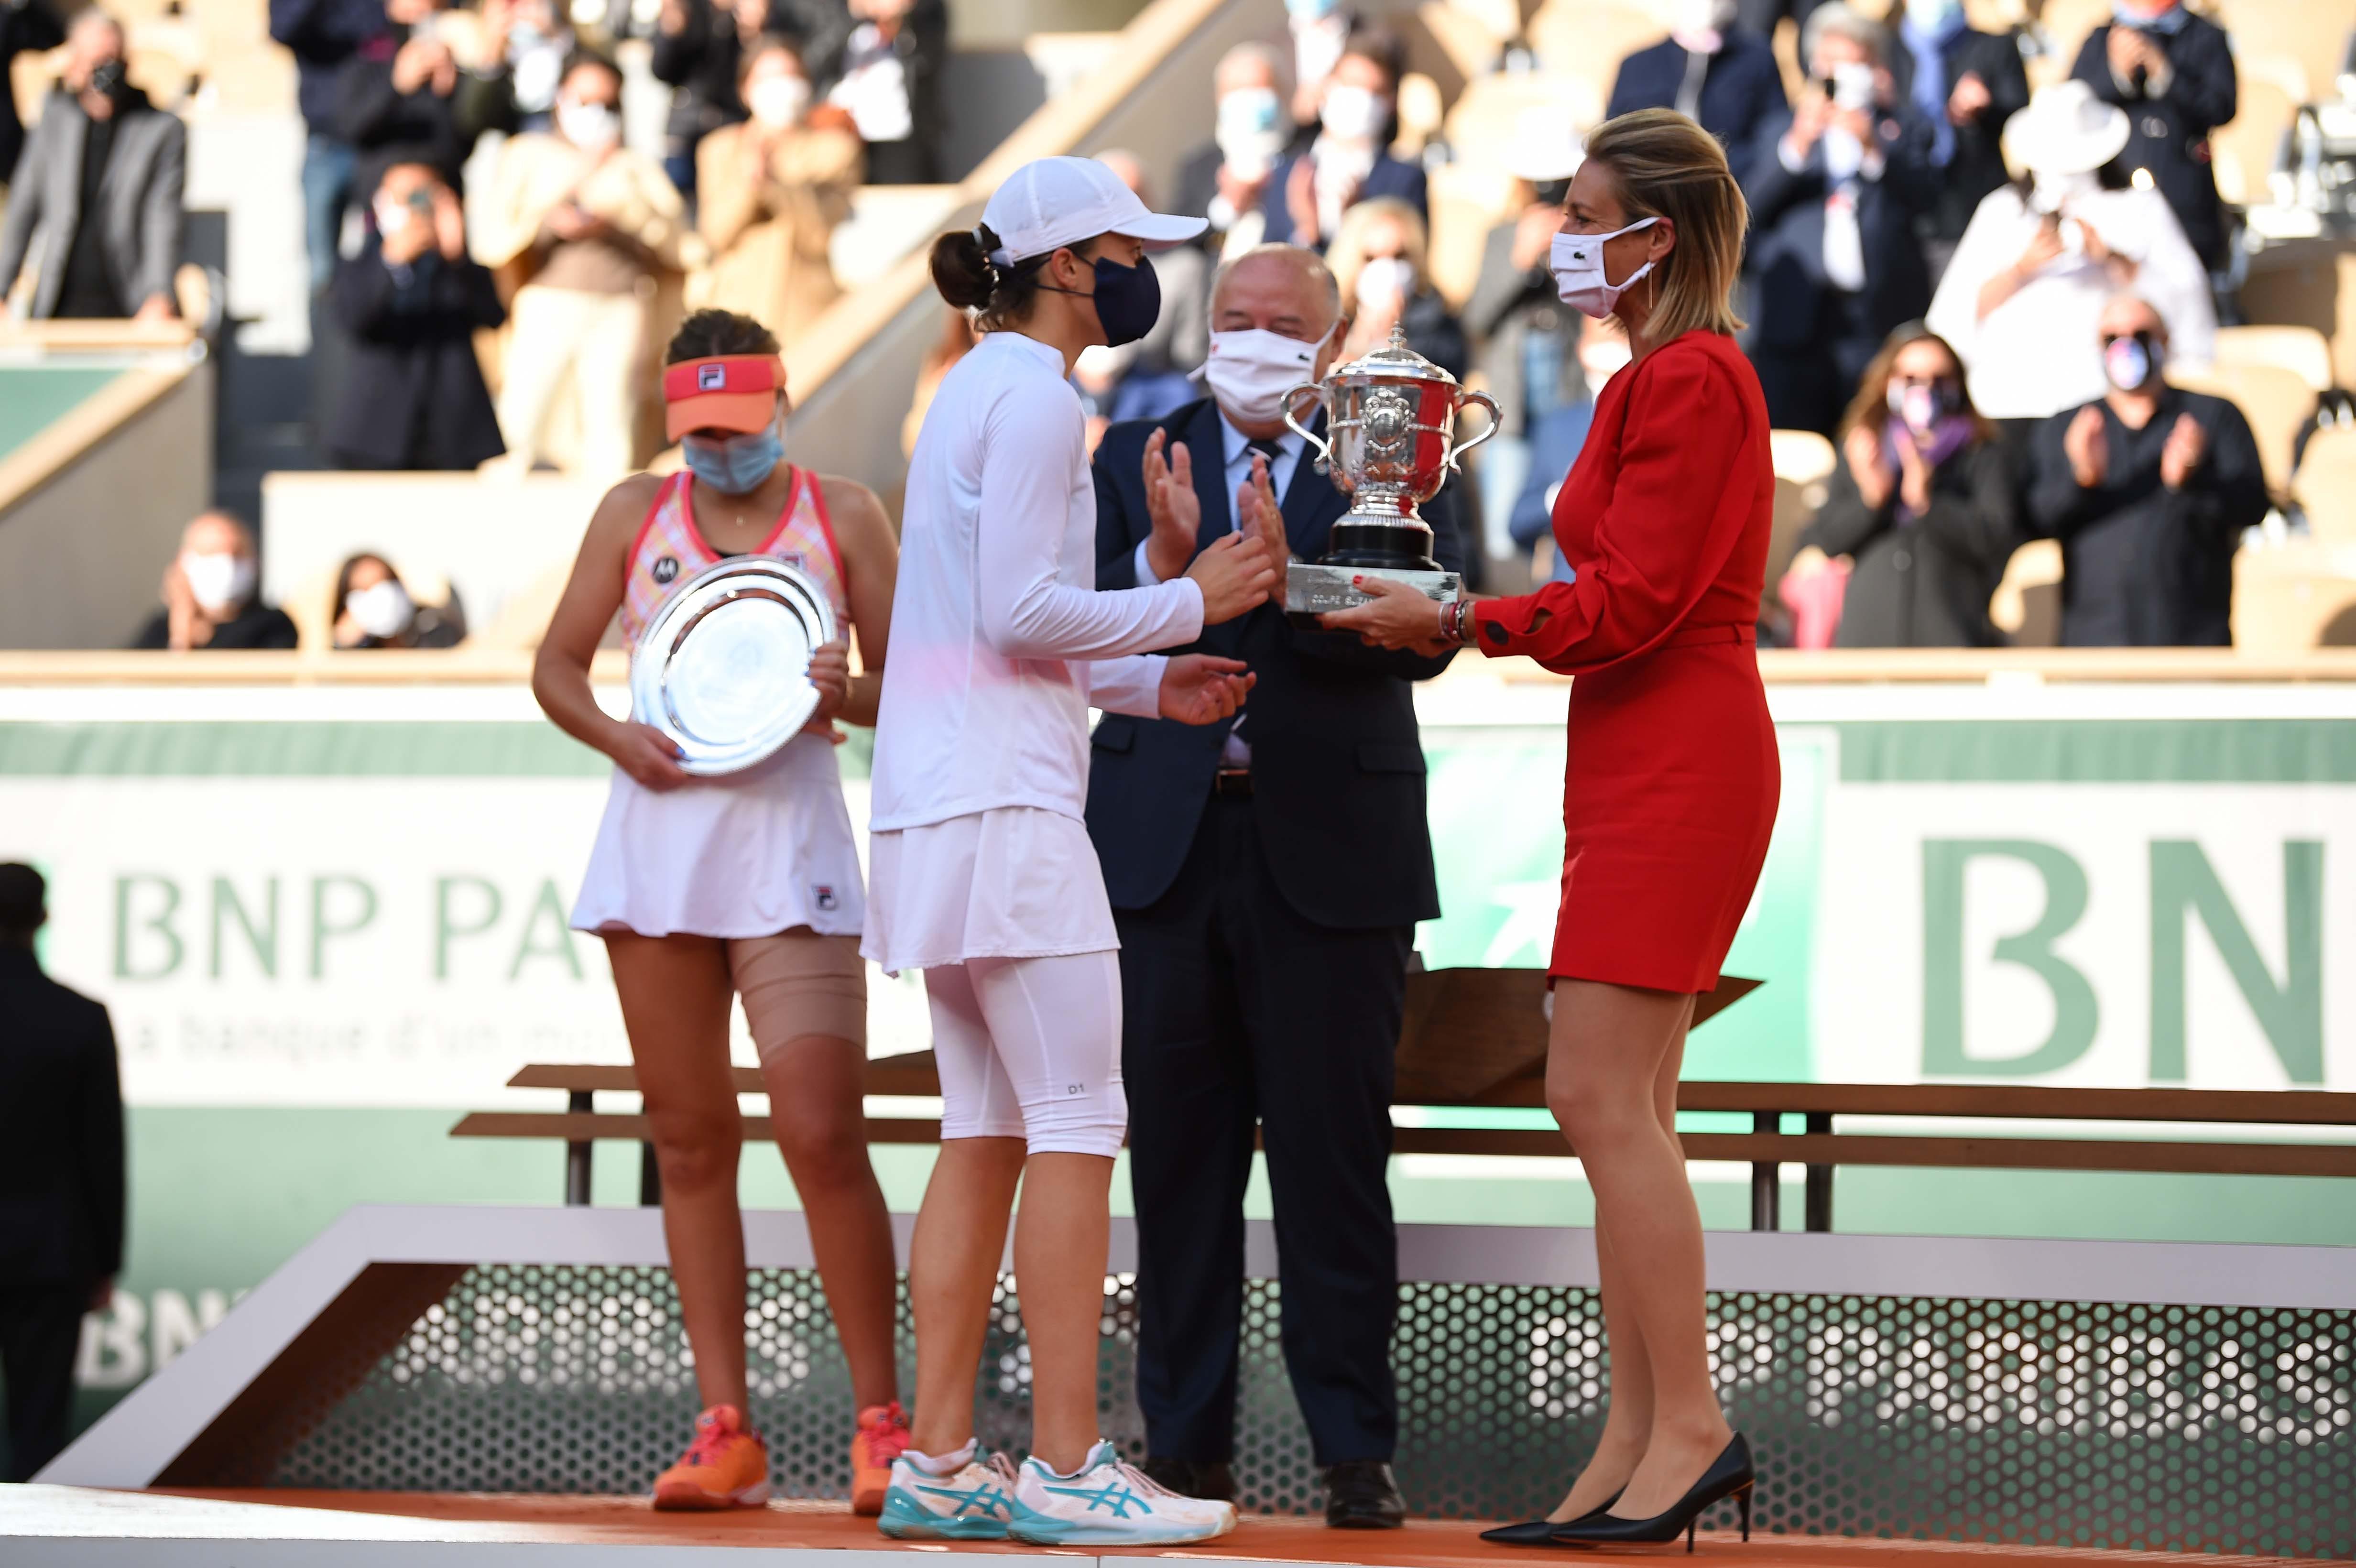 Trophy cermony after the Roland-Garros 2020 women's final with Iga Swiatek, Sofia Kenin, Mary Pierce and Bernard Giudicelli